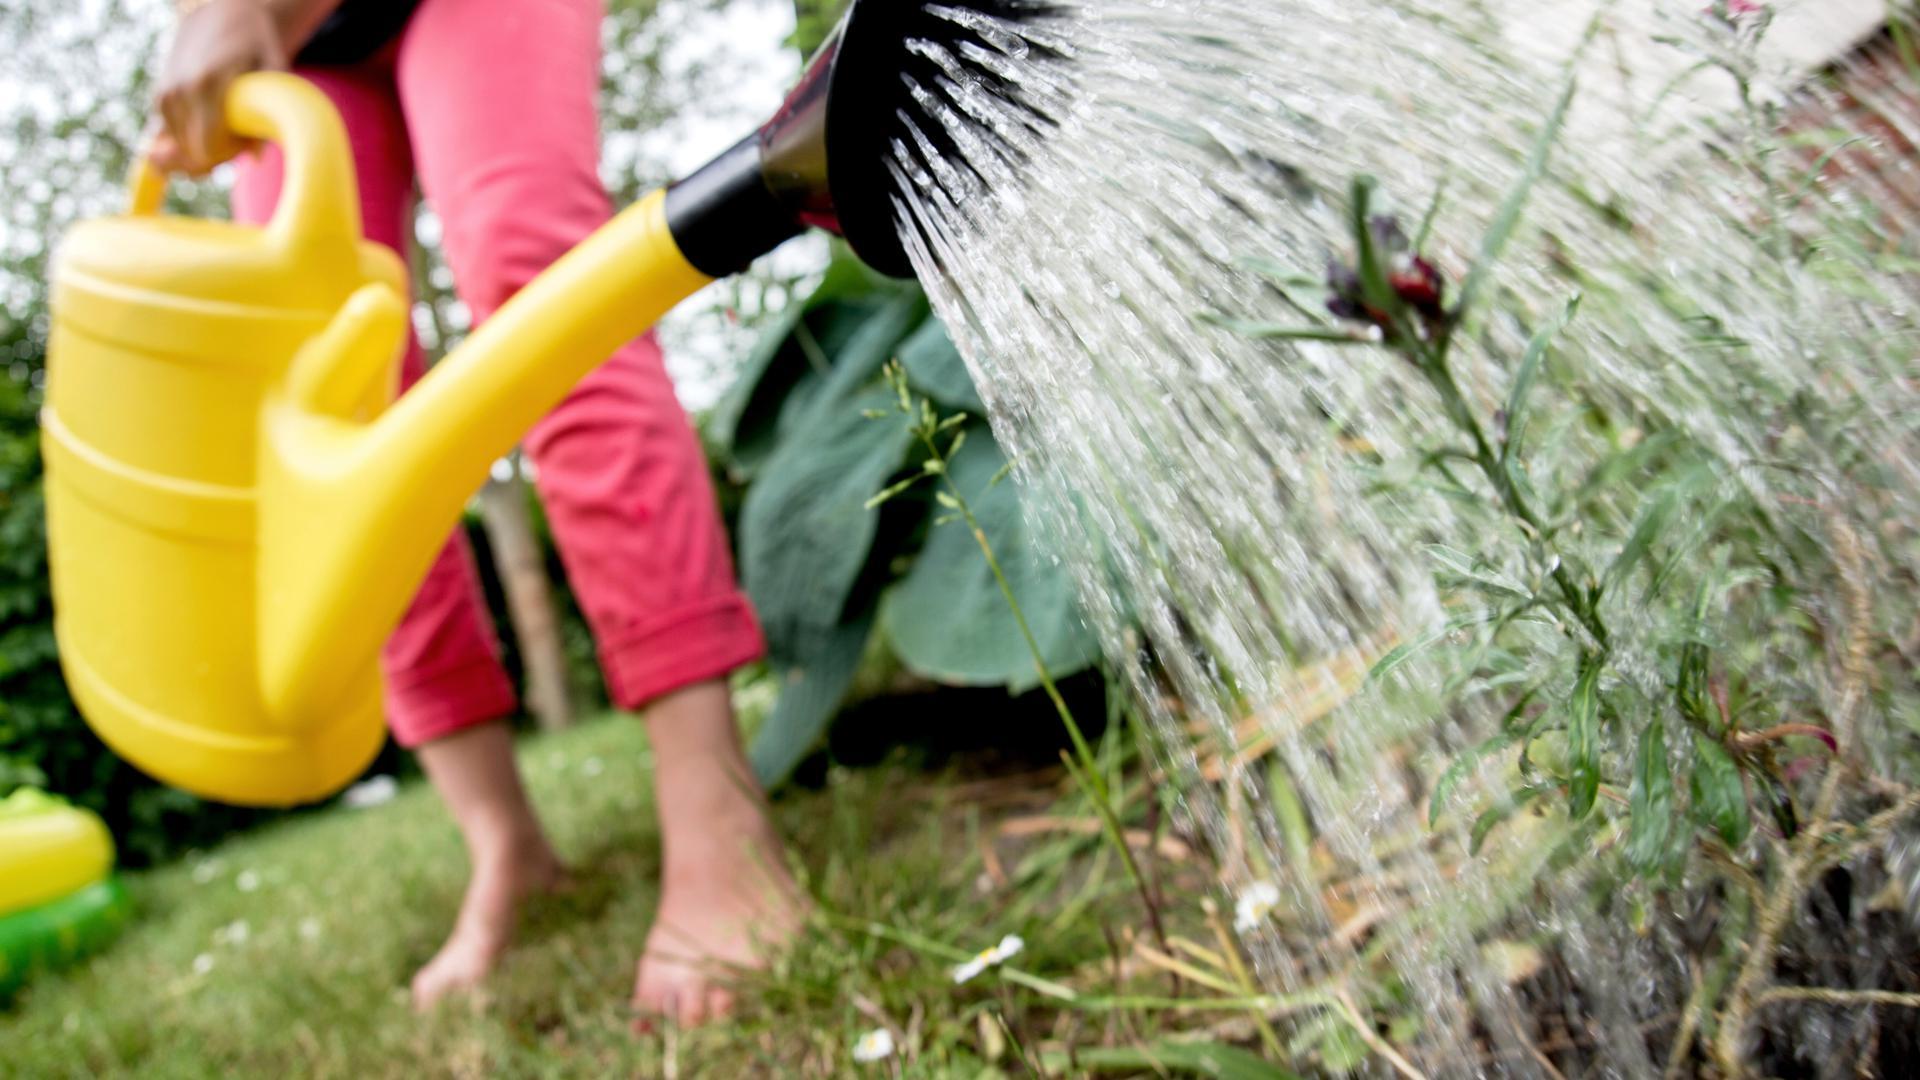 29.05.2018, Niedersachsen, Laatzen: Eine Frau gießt die Blumen in einem Garten mit einer Gießkanne. Die anhaltende Trockenheit lässt den Wasserverbrauch in Niedersachsen steigen. Foto: Hauke-Christian Dittrich/dpa ++ +++ dpa-Bildfunk +++